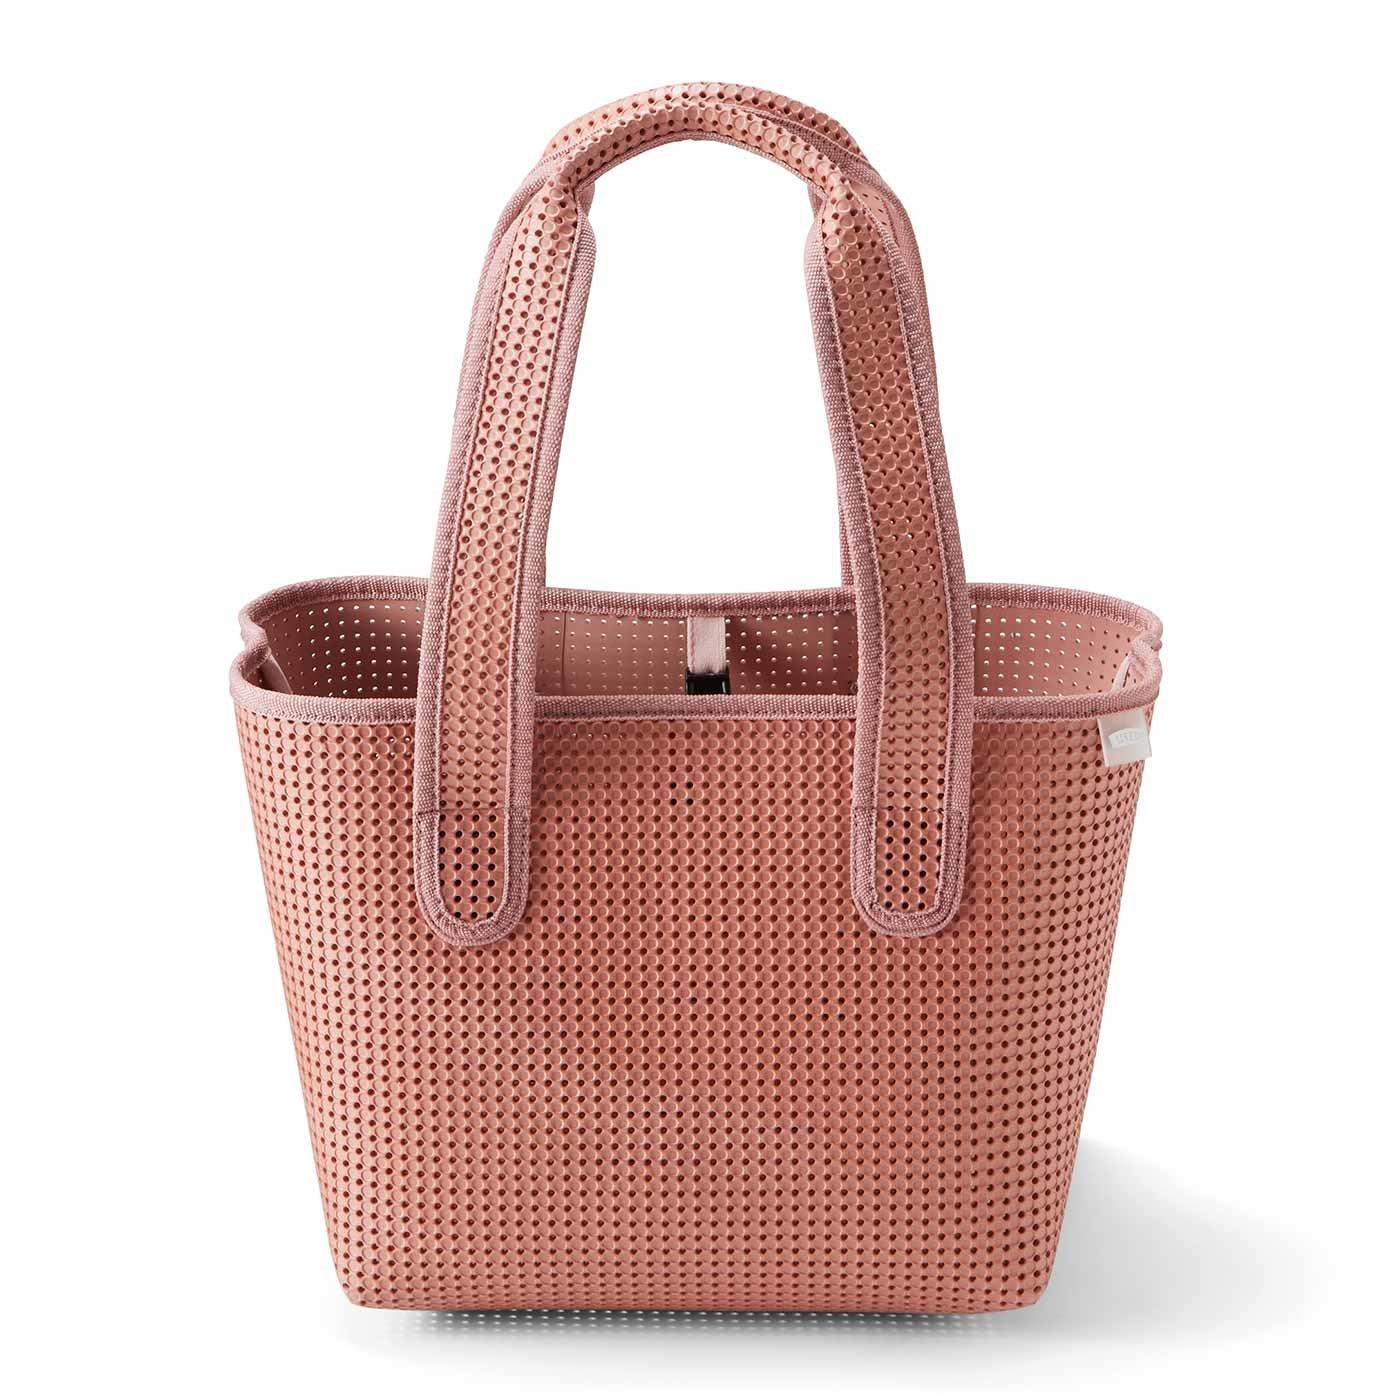 軽くて丈夫で洗える EVA素材トートバッグ〈グレイッシュピンク〉